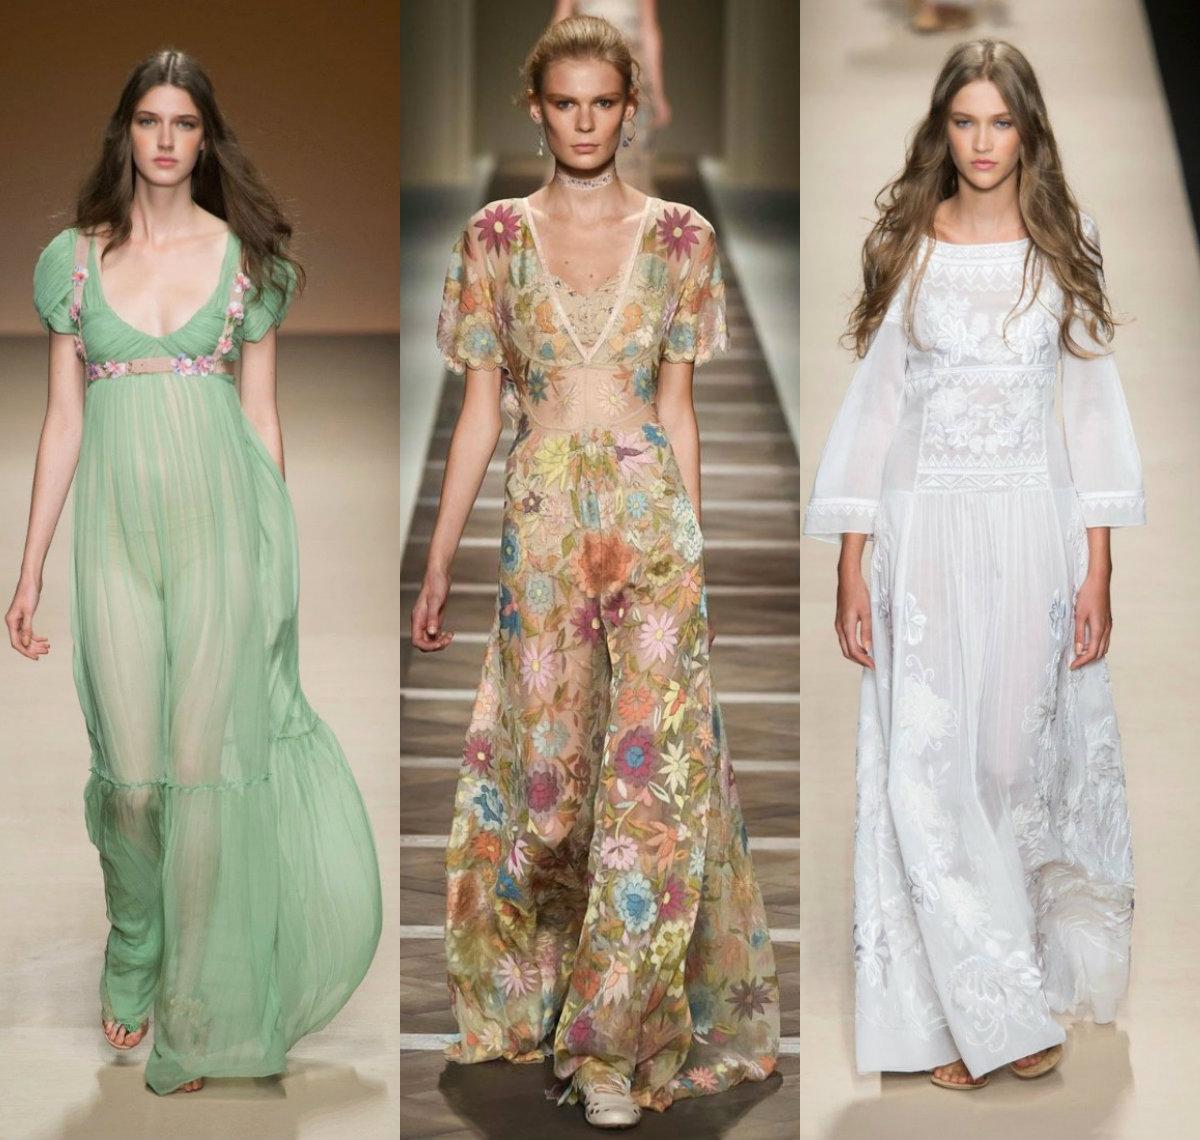 модные тенденции платьев 2018: прозраные варианты